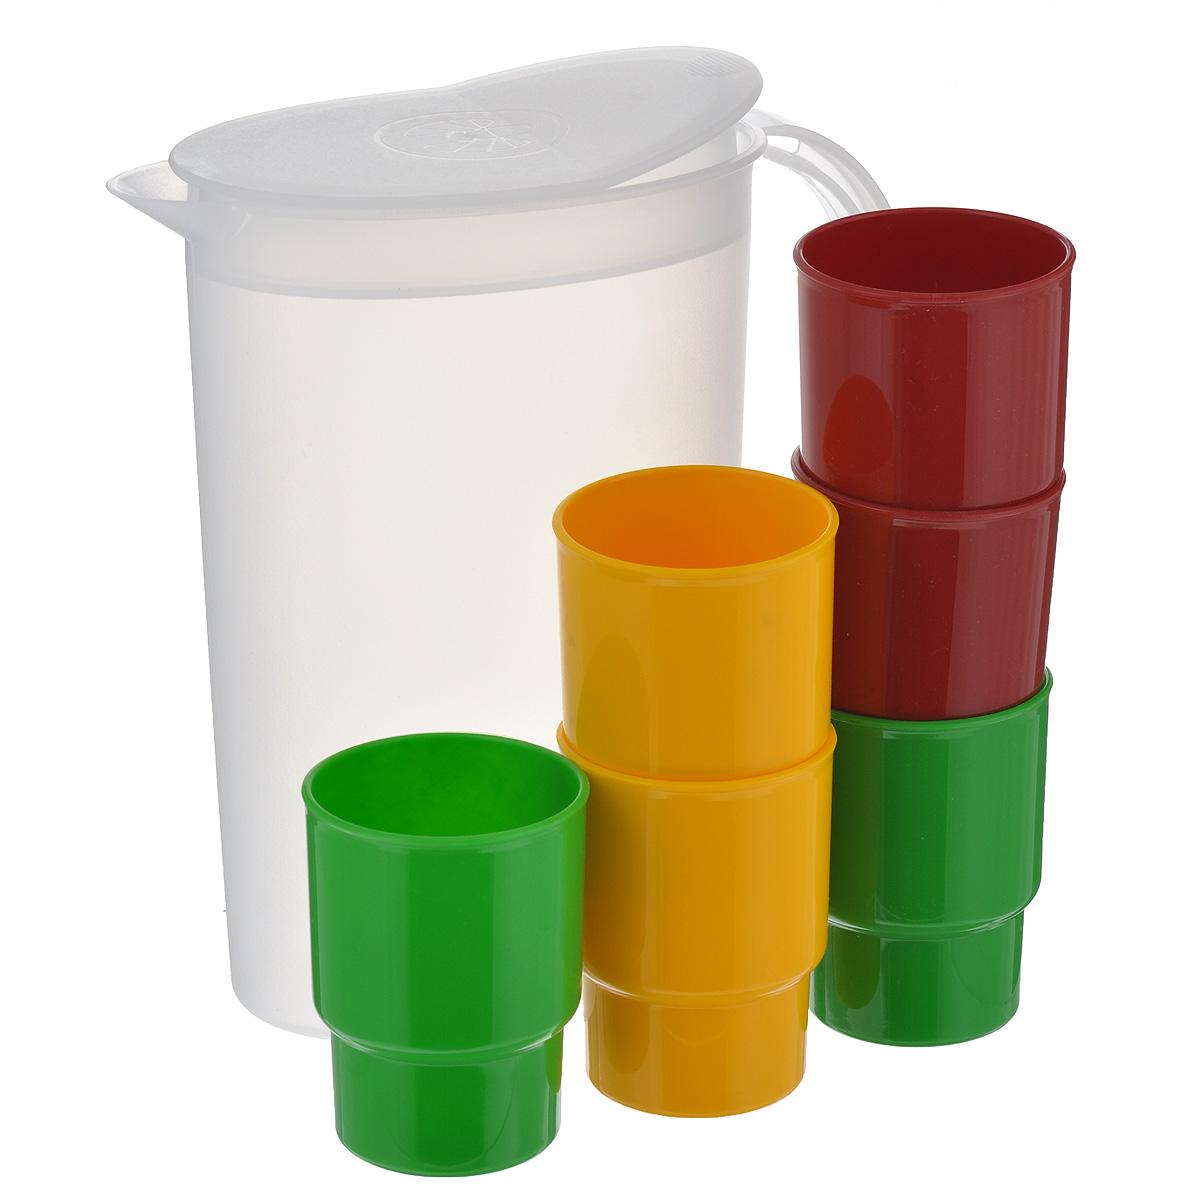 """6 толстостенных эргономичных стаканов """"Solaris"""" из качественного полипропилена, в кувшине с полупрозрачными стенками. Кувшин снабжен съемной крышкой-клапаном. Крышка кувшина имеет 2 рабочих положения: открыто/закрыто.Сведения о посуде:Посуда из ударопрочного пищевого полипропилена предназначена для многократного использования. Легкая, прочная и износостойкая, экологически чистая, эта посуда работает в диапазоне температур от -25°С до +110°С. Можно мыть в посудомоечной машине. Эта посуда также обеспечивает:Хранение горячих и холодных пищевых продуктов;Разогрев продуктов в микроволновой печи;Приготовление пищи в микроволновой печи на пару (пароварка);Хранение продуктов в холодильной и морозильной камере;Кипячение воды с помощью электрокипятильника.В походном положении стаканы находятся внутри кувшина.Диаметр стаканов: 6,5 см.Высота стаканов: 9,5 см.Объем стаканов: 0,25 л.Высота кувшина: 24,5 см.Длина кувшина (без учета ручки): 18 см.Ширина кувшина: 11 см.Объем кувшина: 2,2 л."""